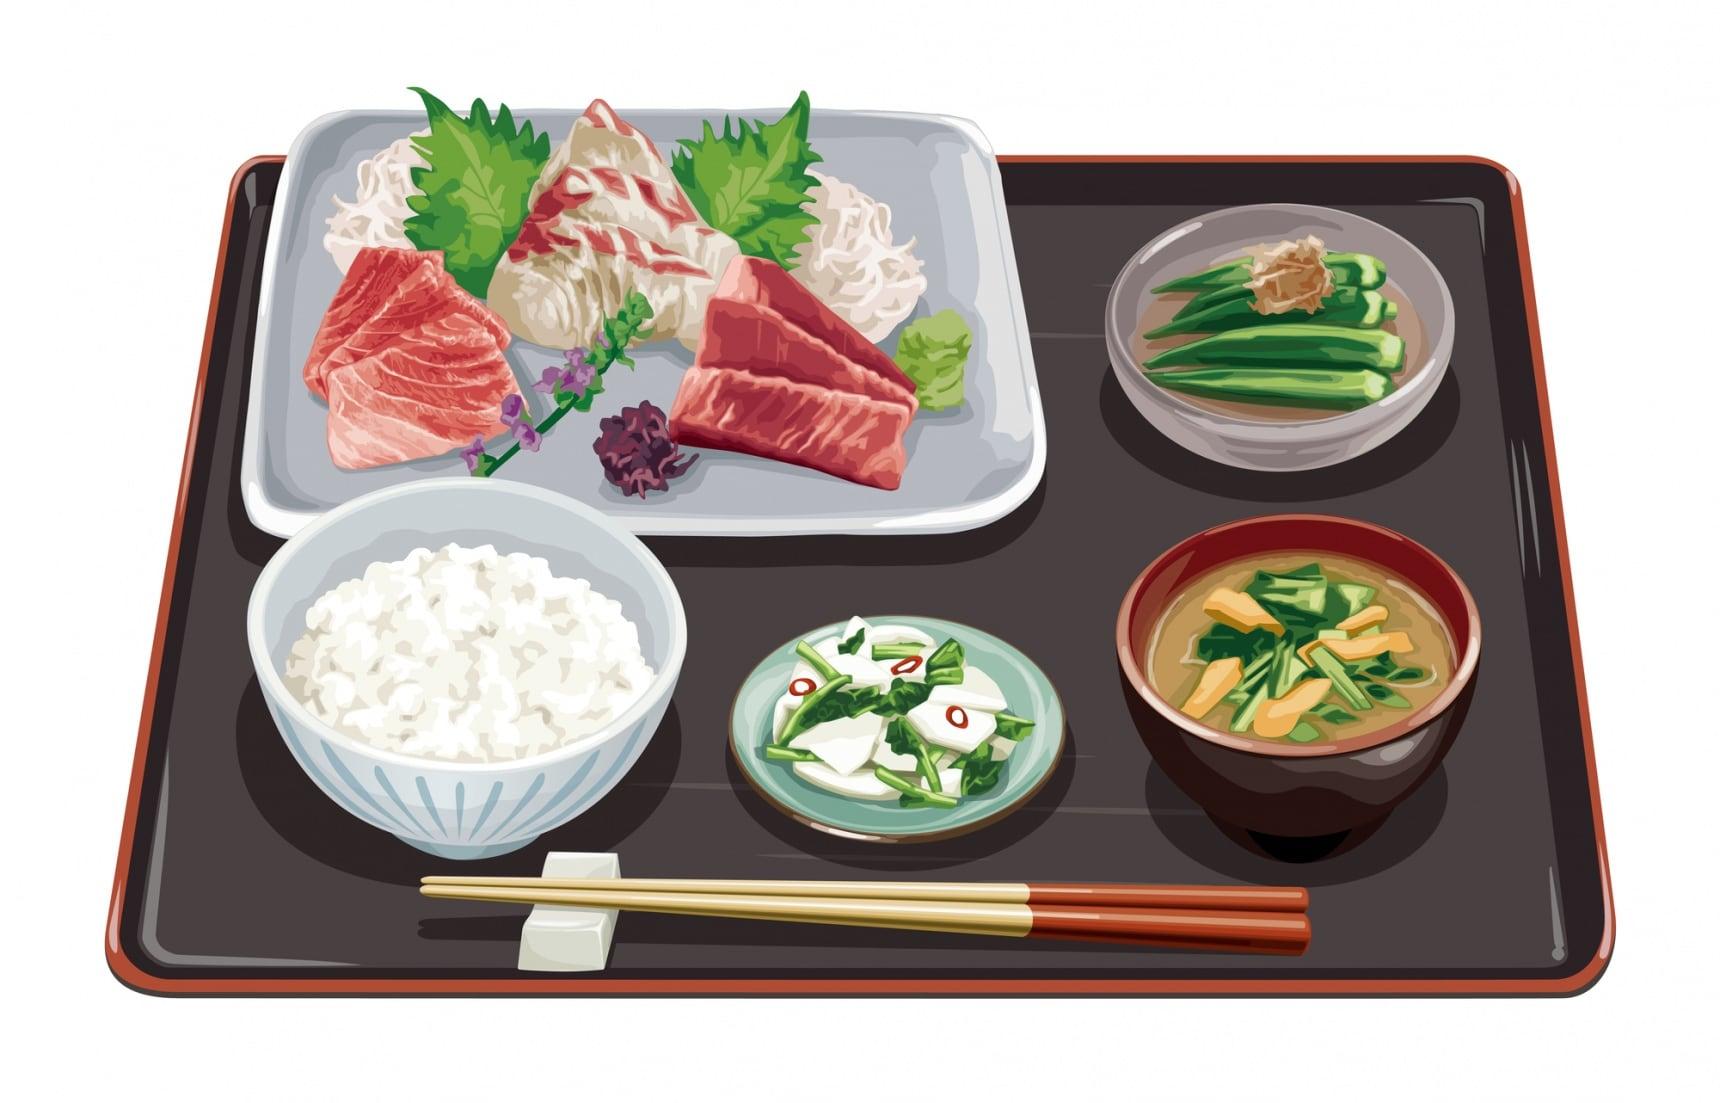 รู้จักการจัดจานอาหารญี่ปุ่นทั้ง 4 ฤดู